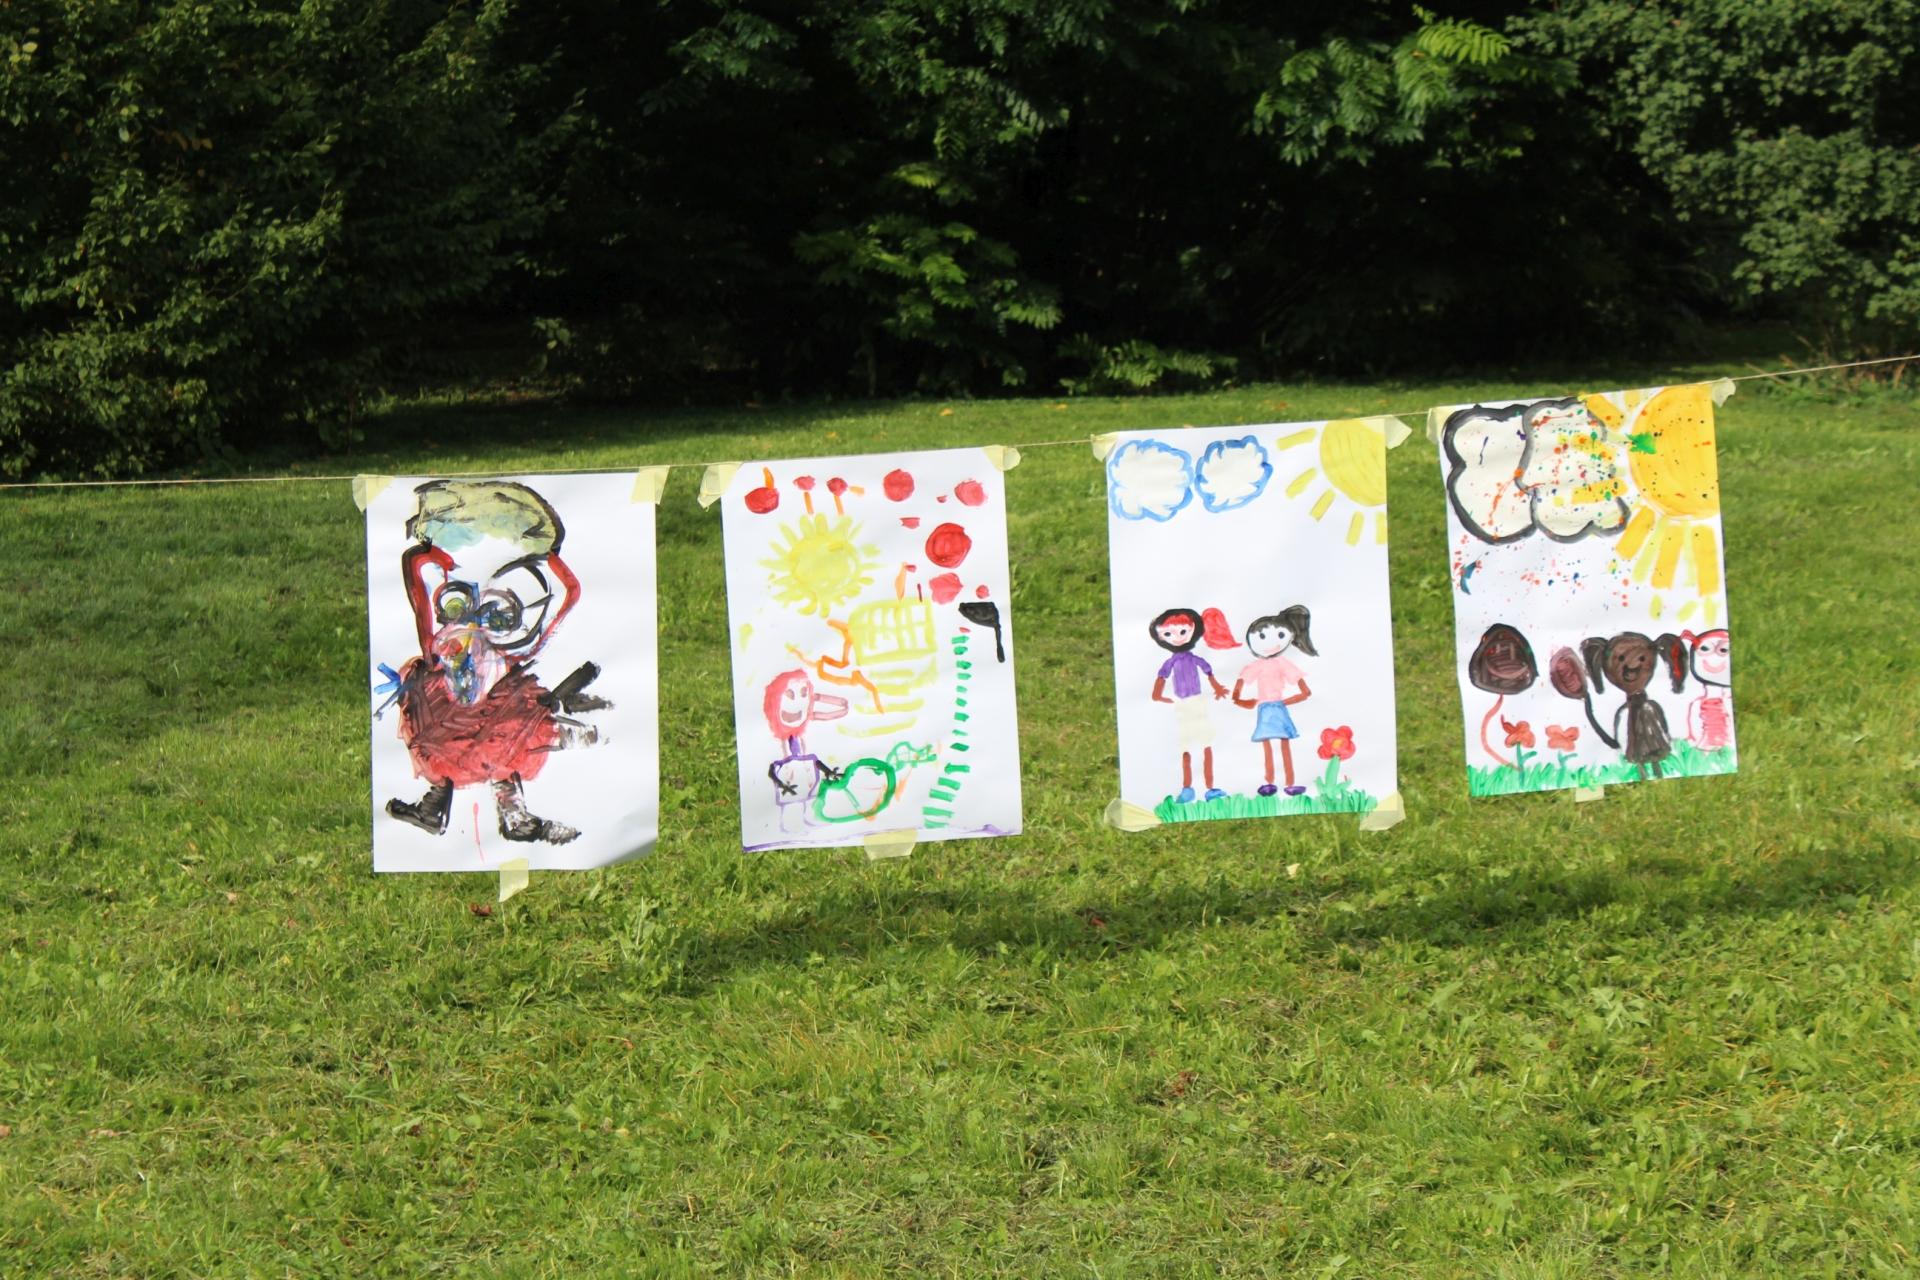 Weltkindertag2017_SpielenInDerStadt_Artmobil